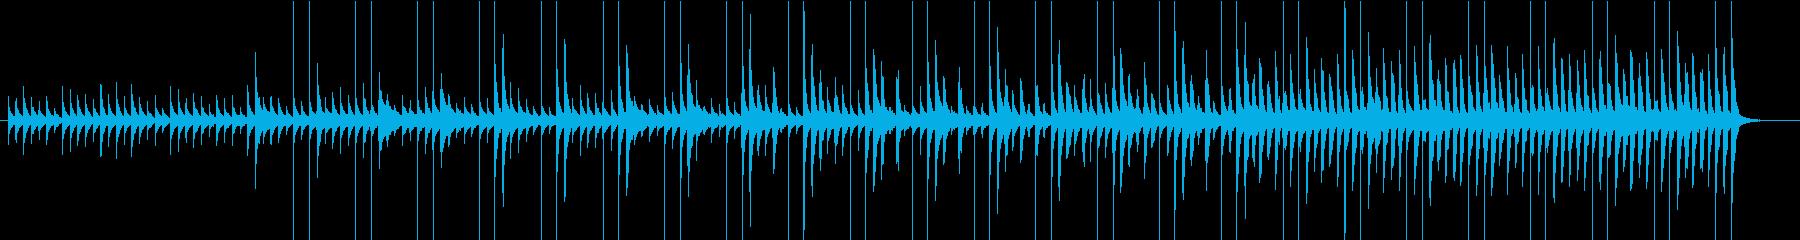 モダンで可愛いCMの再生済みの波形